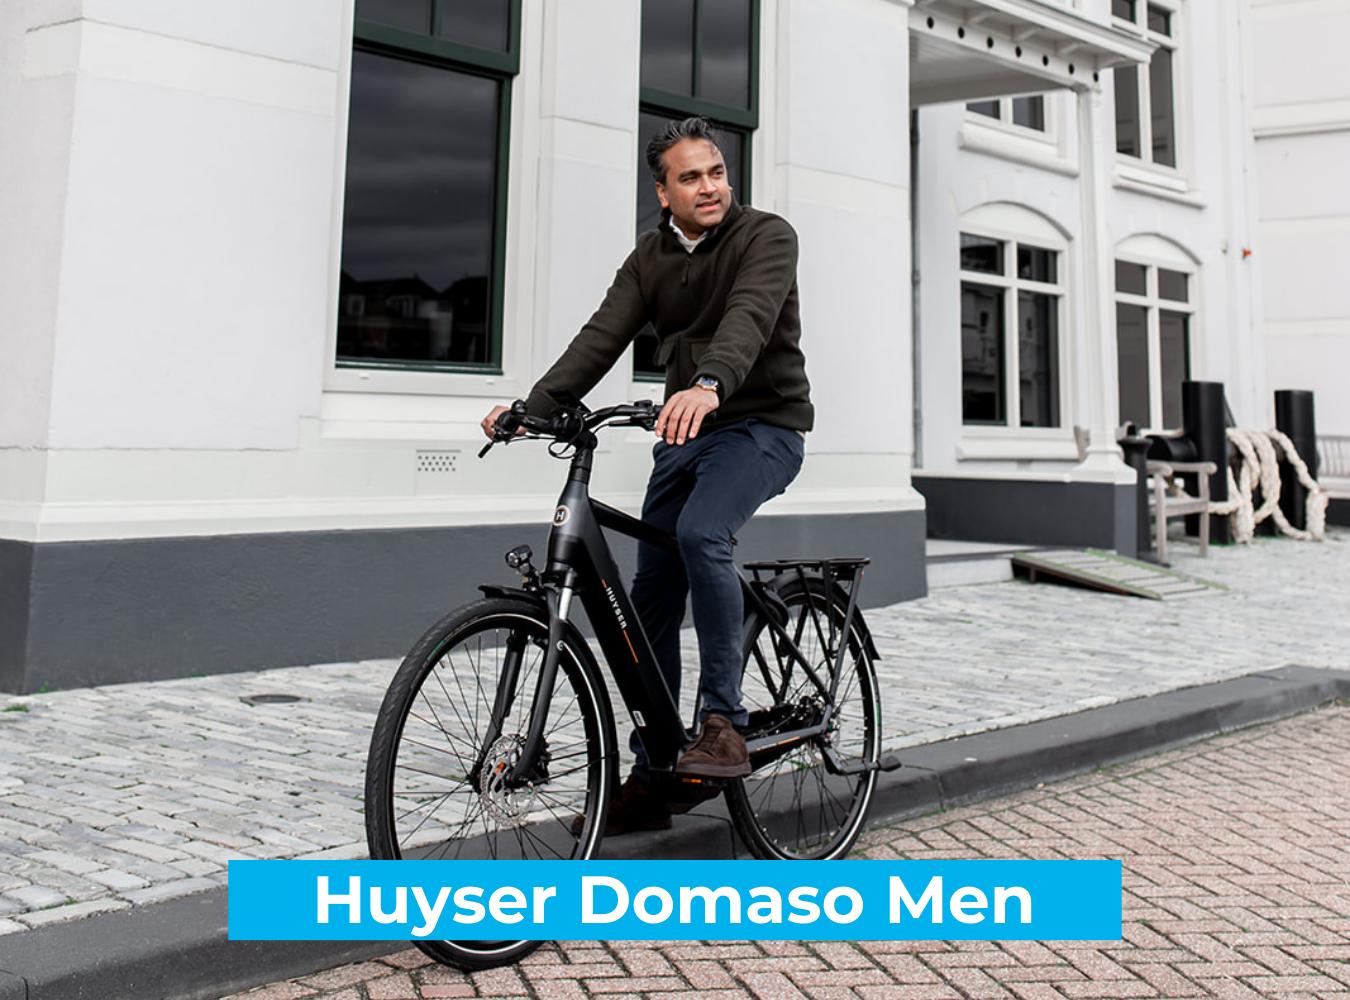 Koop de Huyser Domaso Men online bij Fietsuniek.nl en profiteer van een gratis EPIC service-upgrade met complete fietsservice door fietsenmakers aan huis.